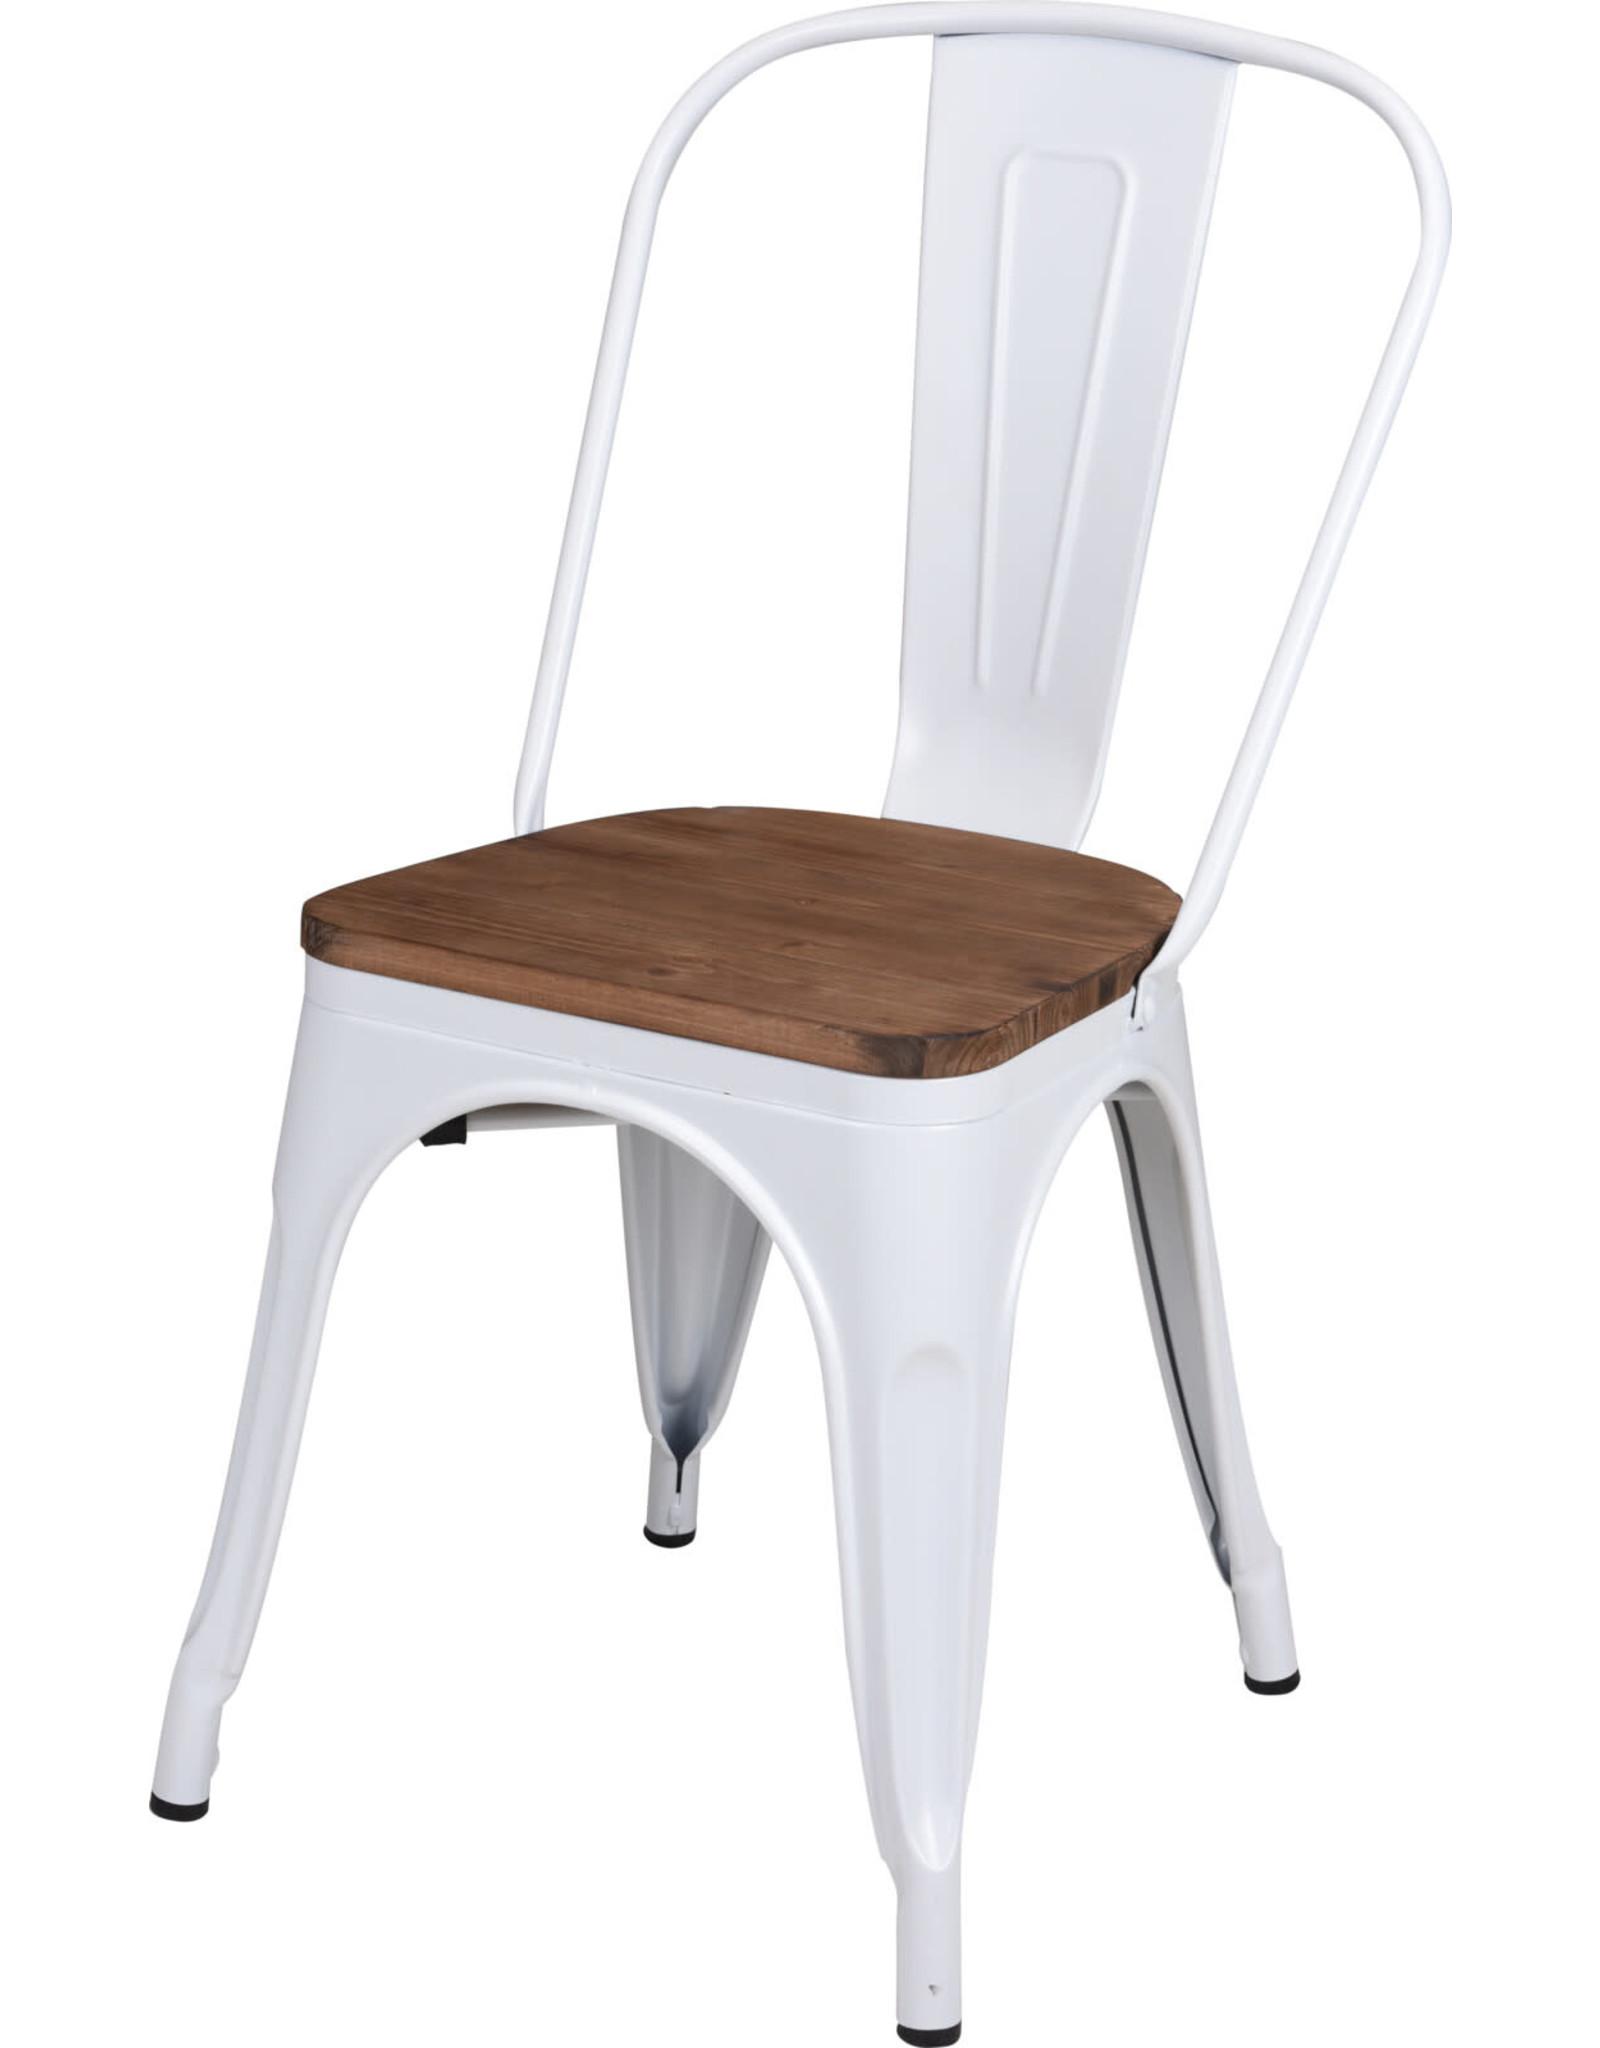 Koopman Chair Metal White 360Xh843Mm